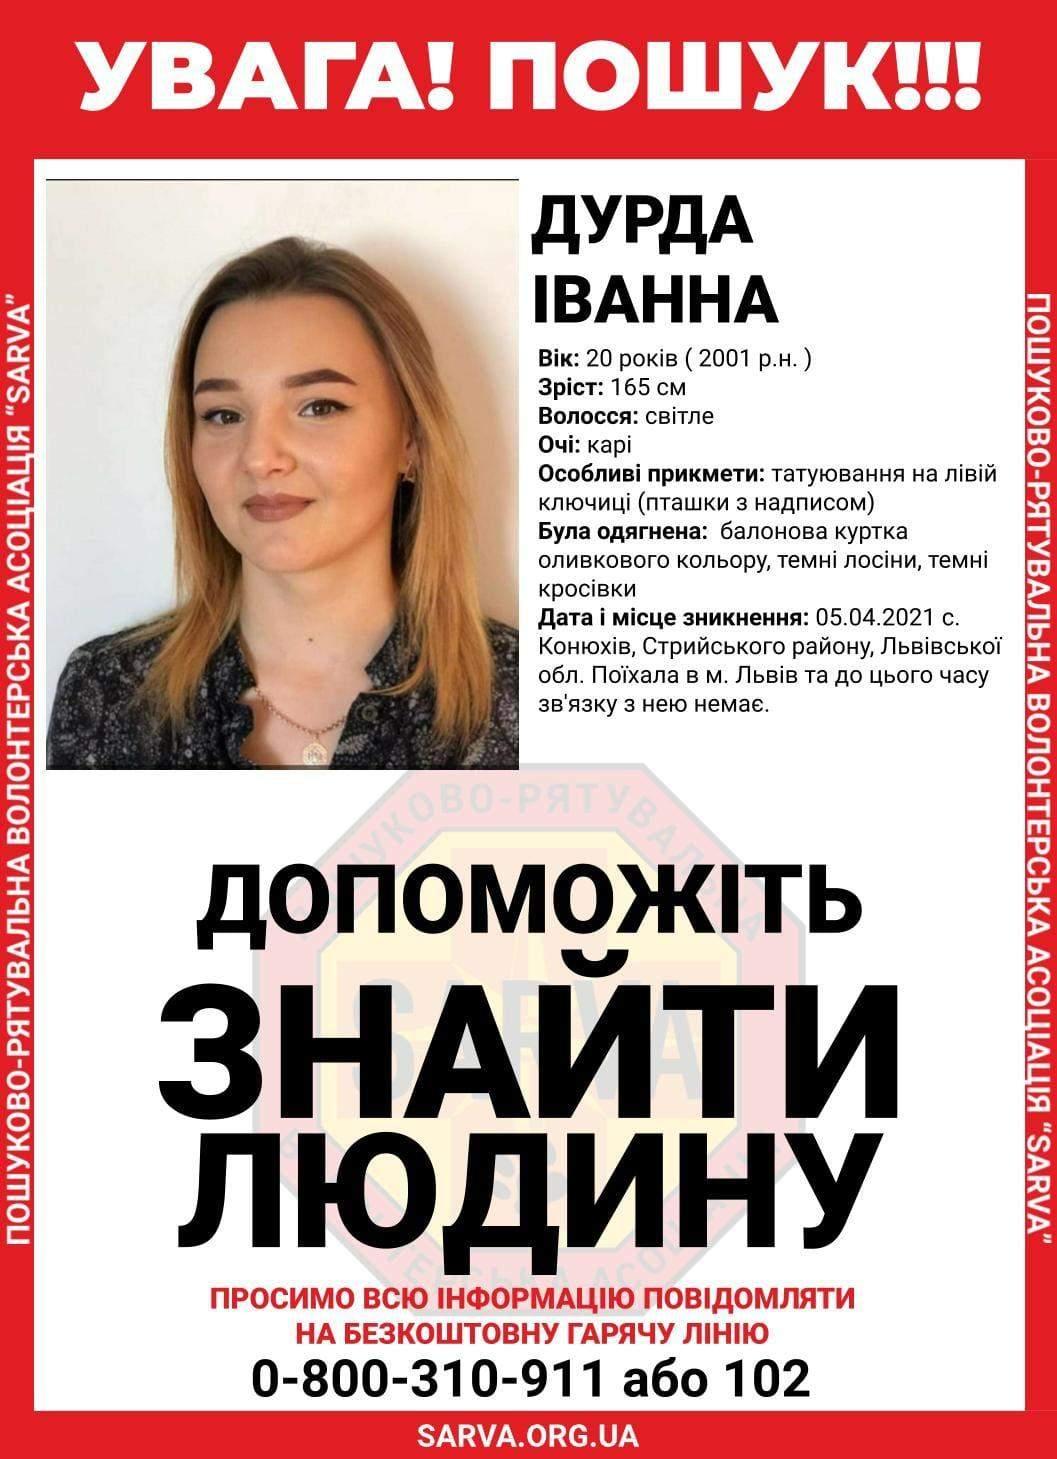 Зникла місяць тому: у Львові оголосили в розшук 20-річну дівчину – фото